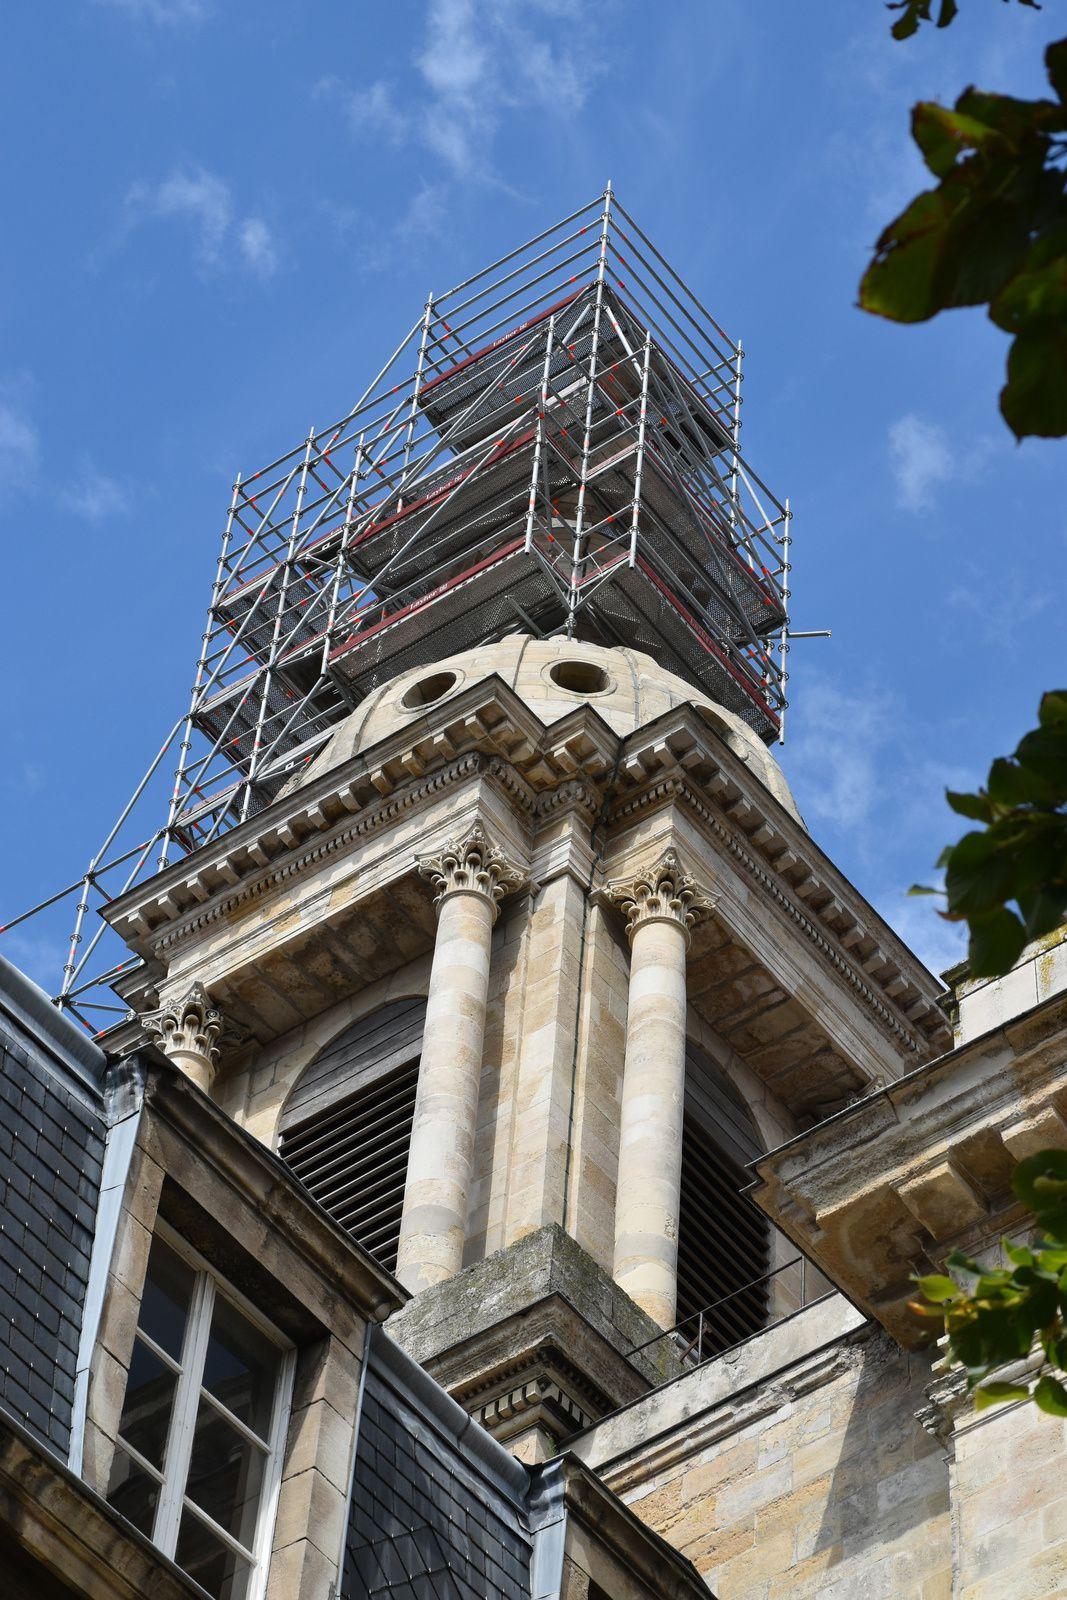 la cathédrale est en restauration depuis pas mal d'années